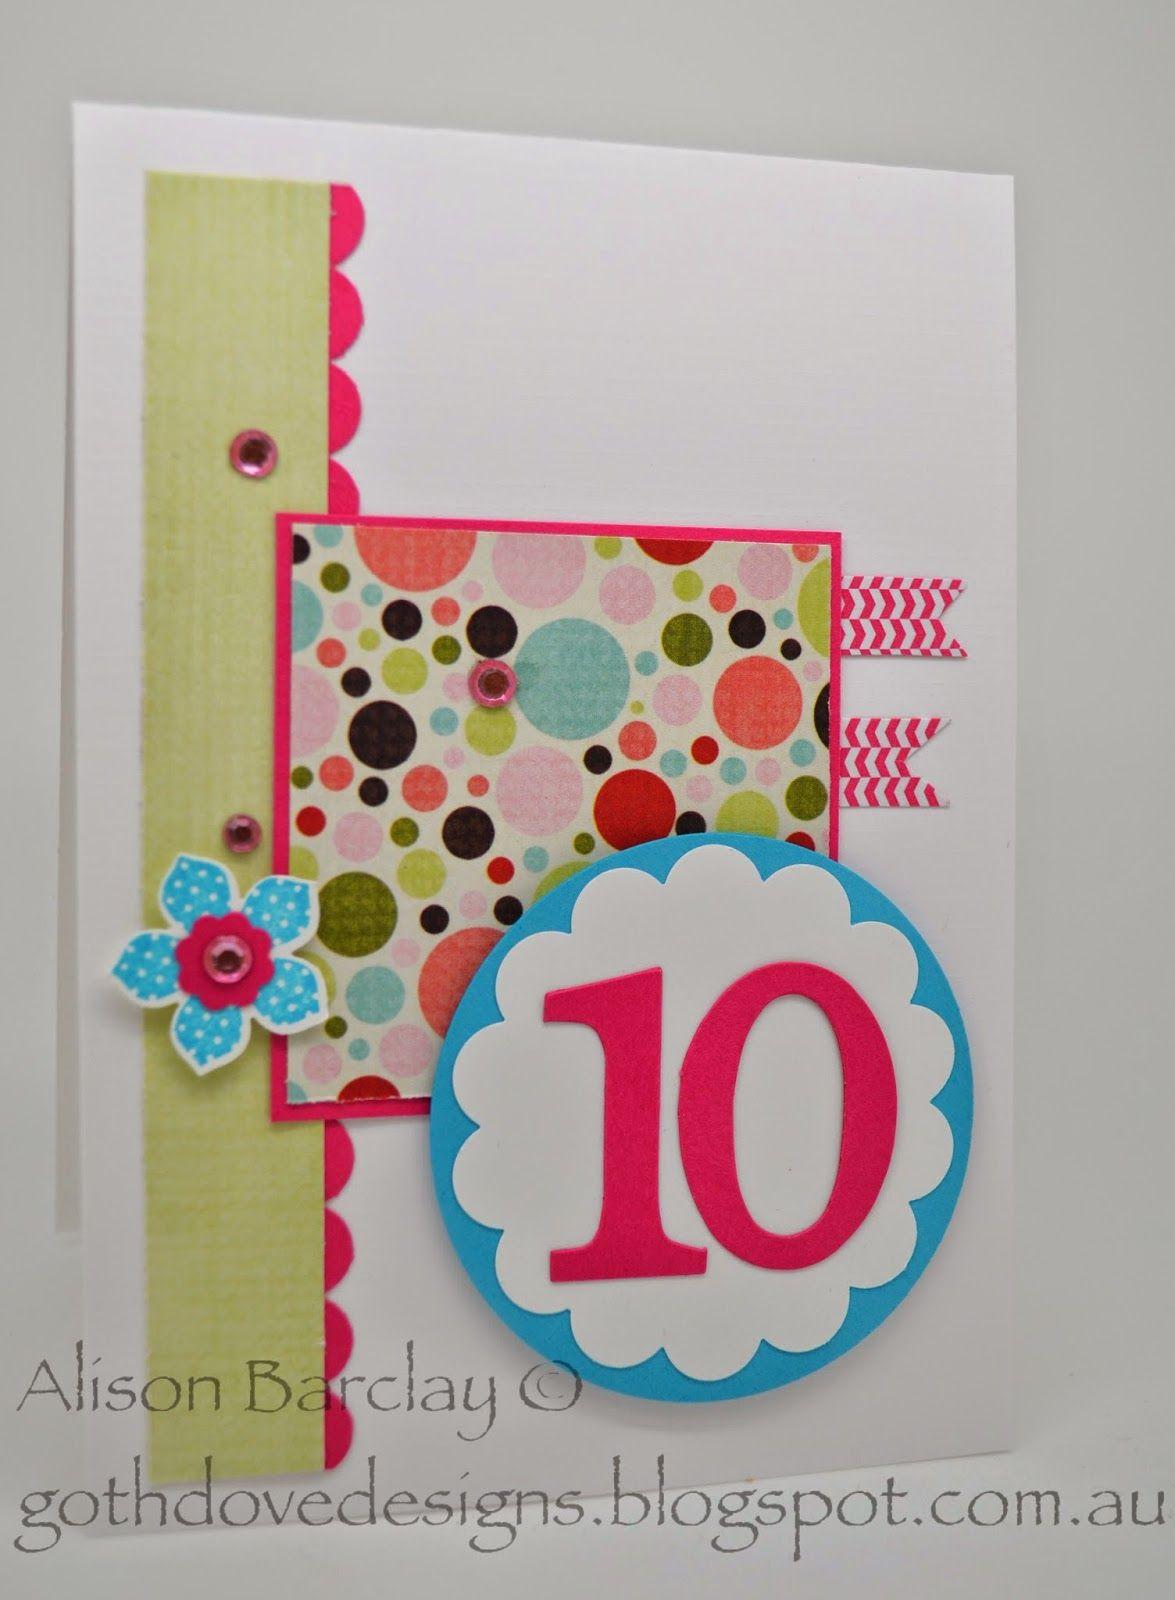 Gothdove Designs Alison Barclay Stampin' Up! ® Australia